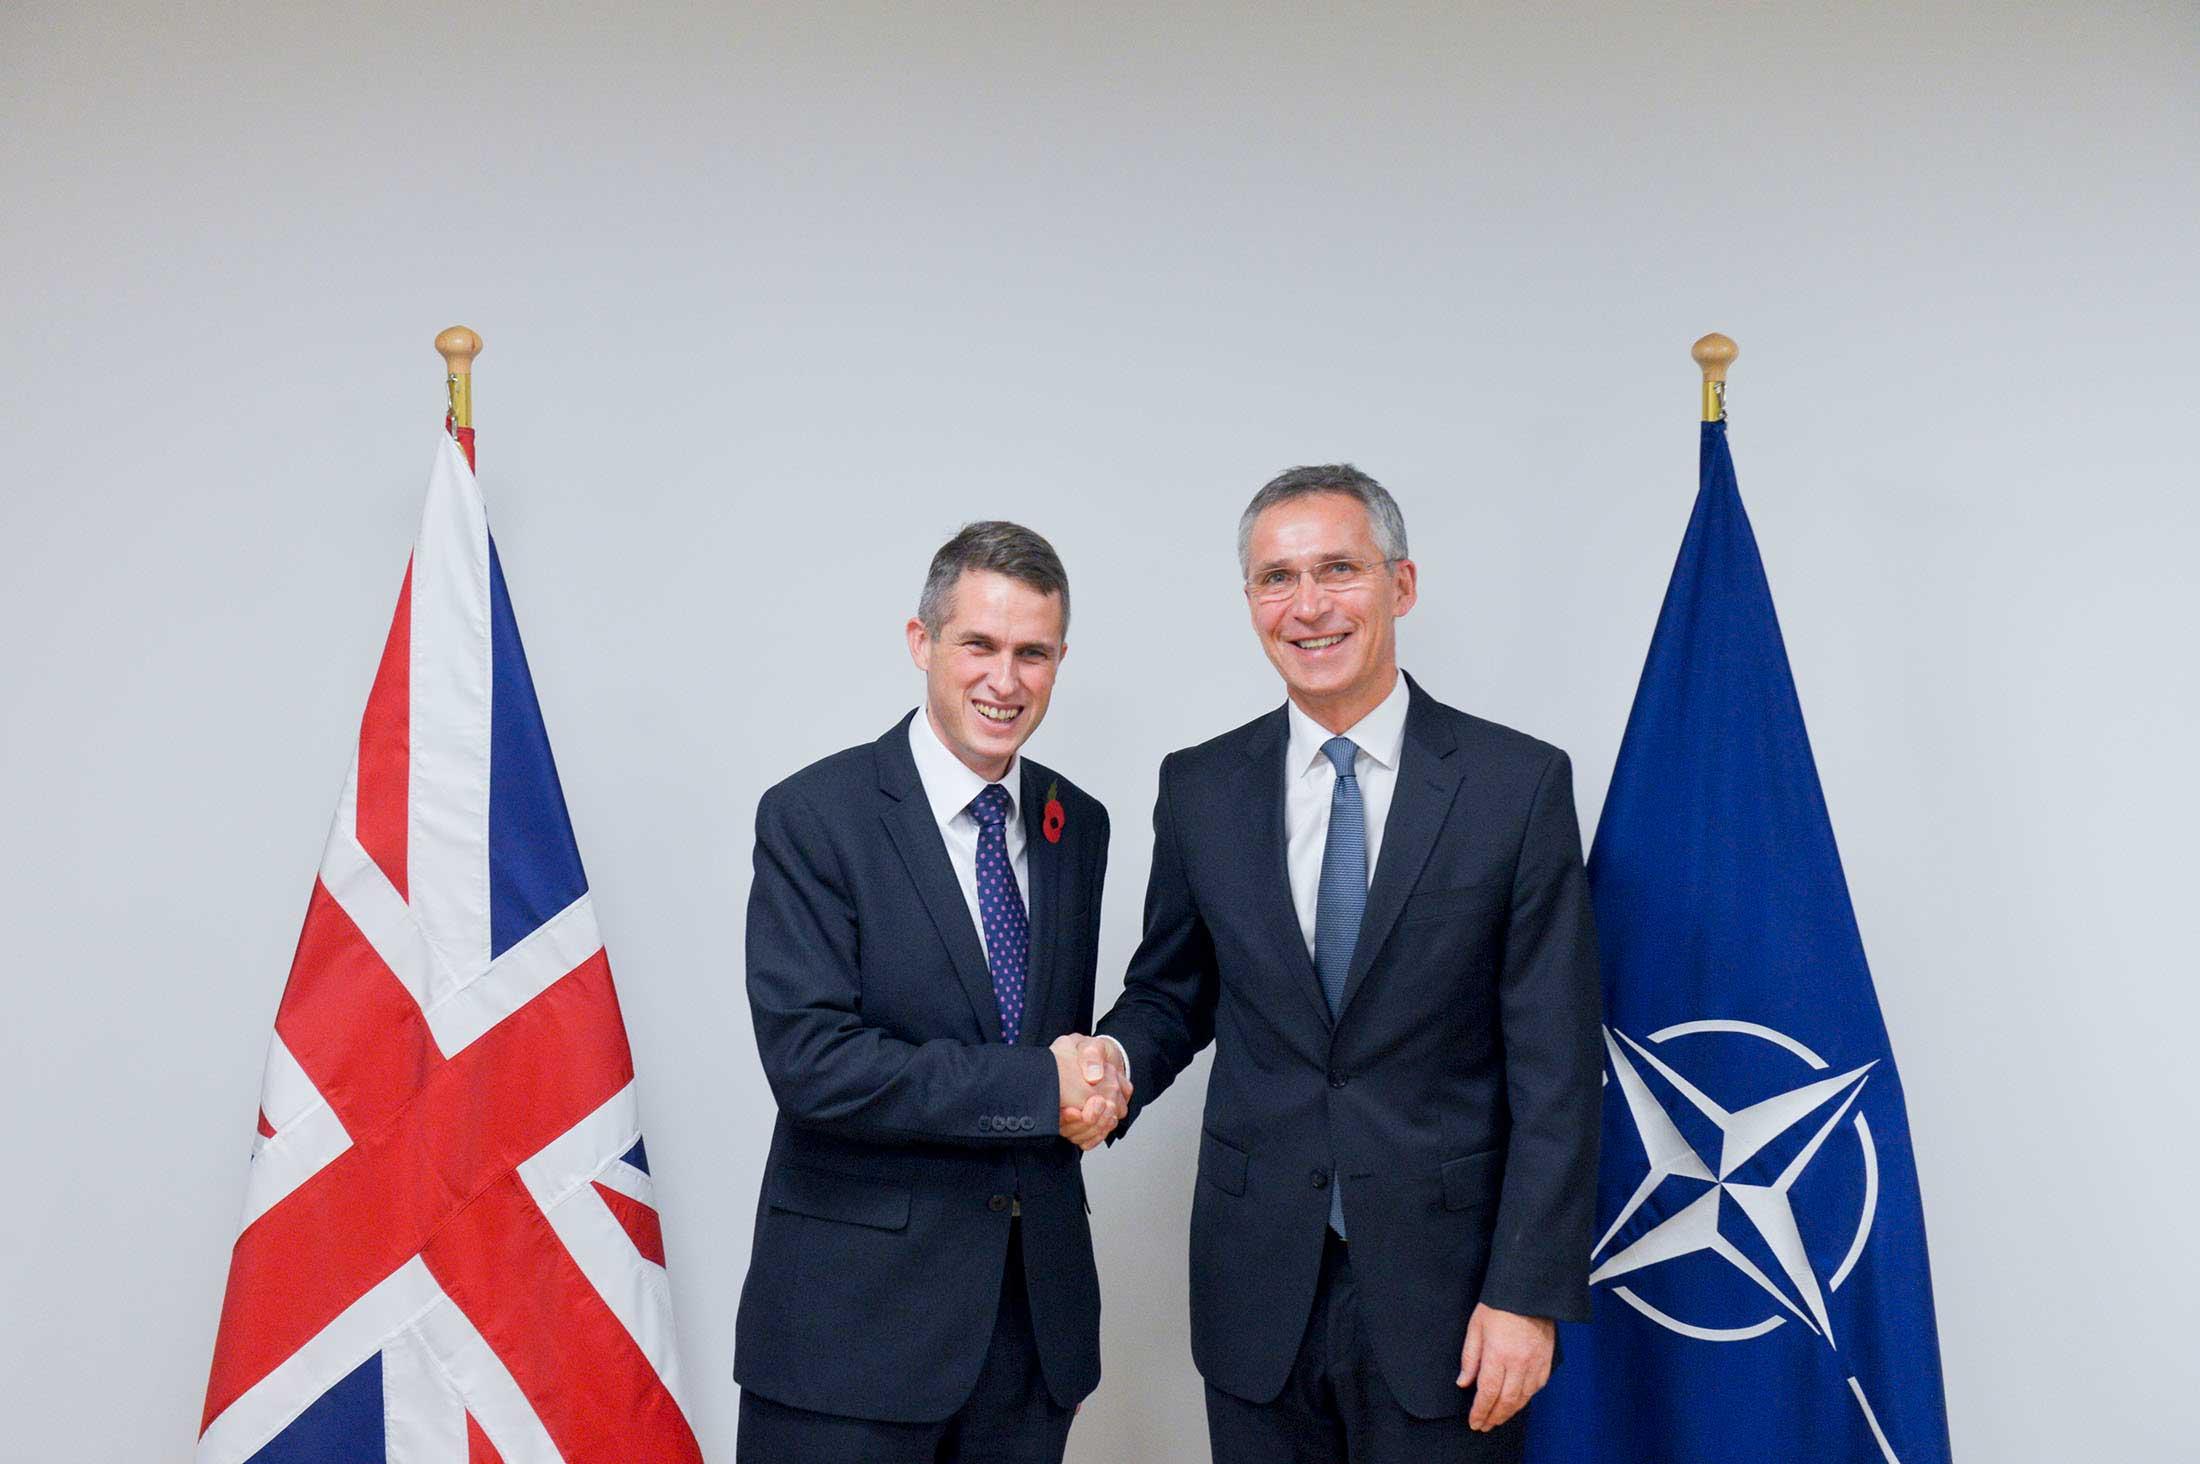 Вилијамсон: Нећемо напустити земље Западног Балкана које Русија покушава да угрози